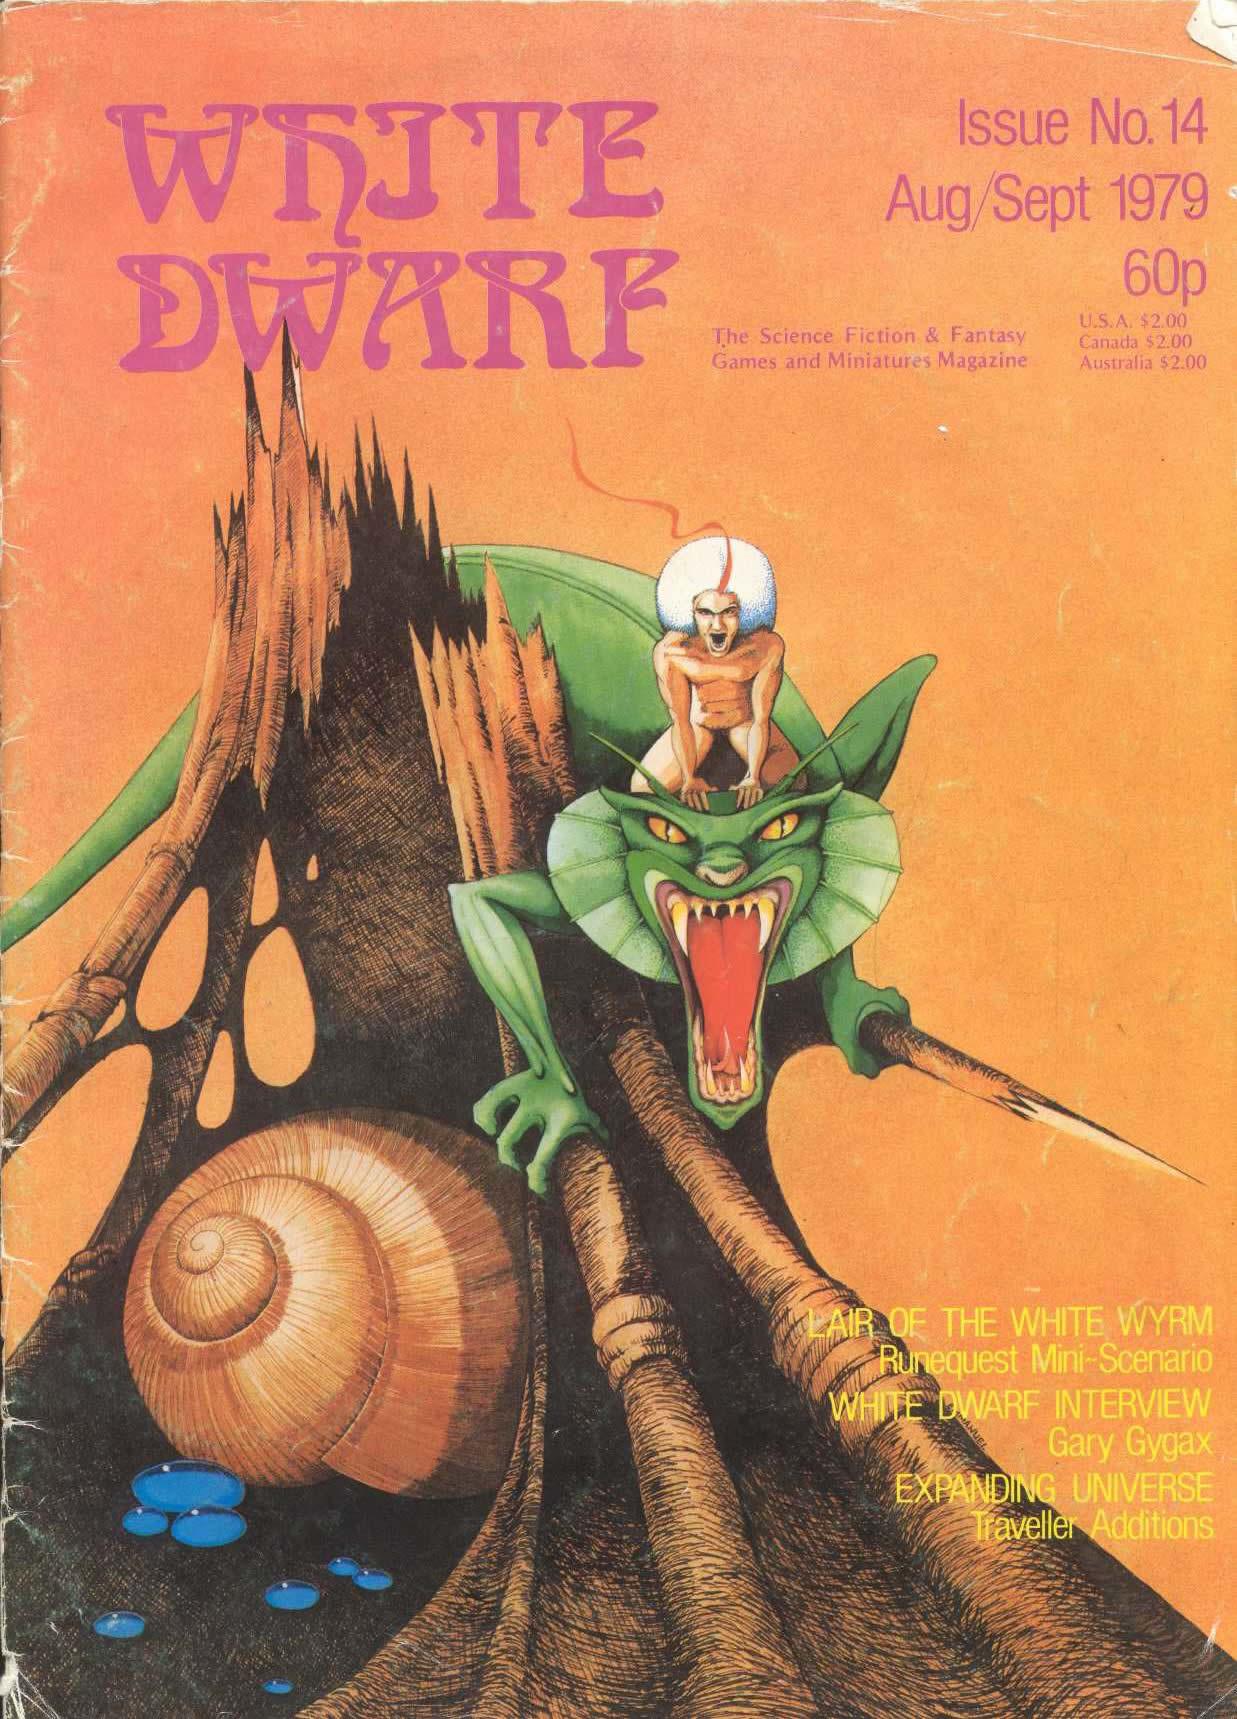 White Dwarf 14